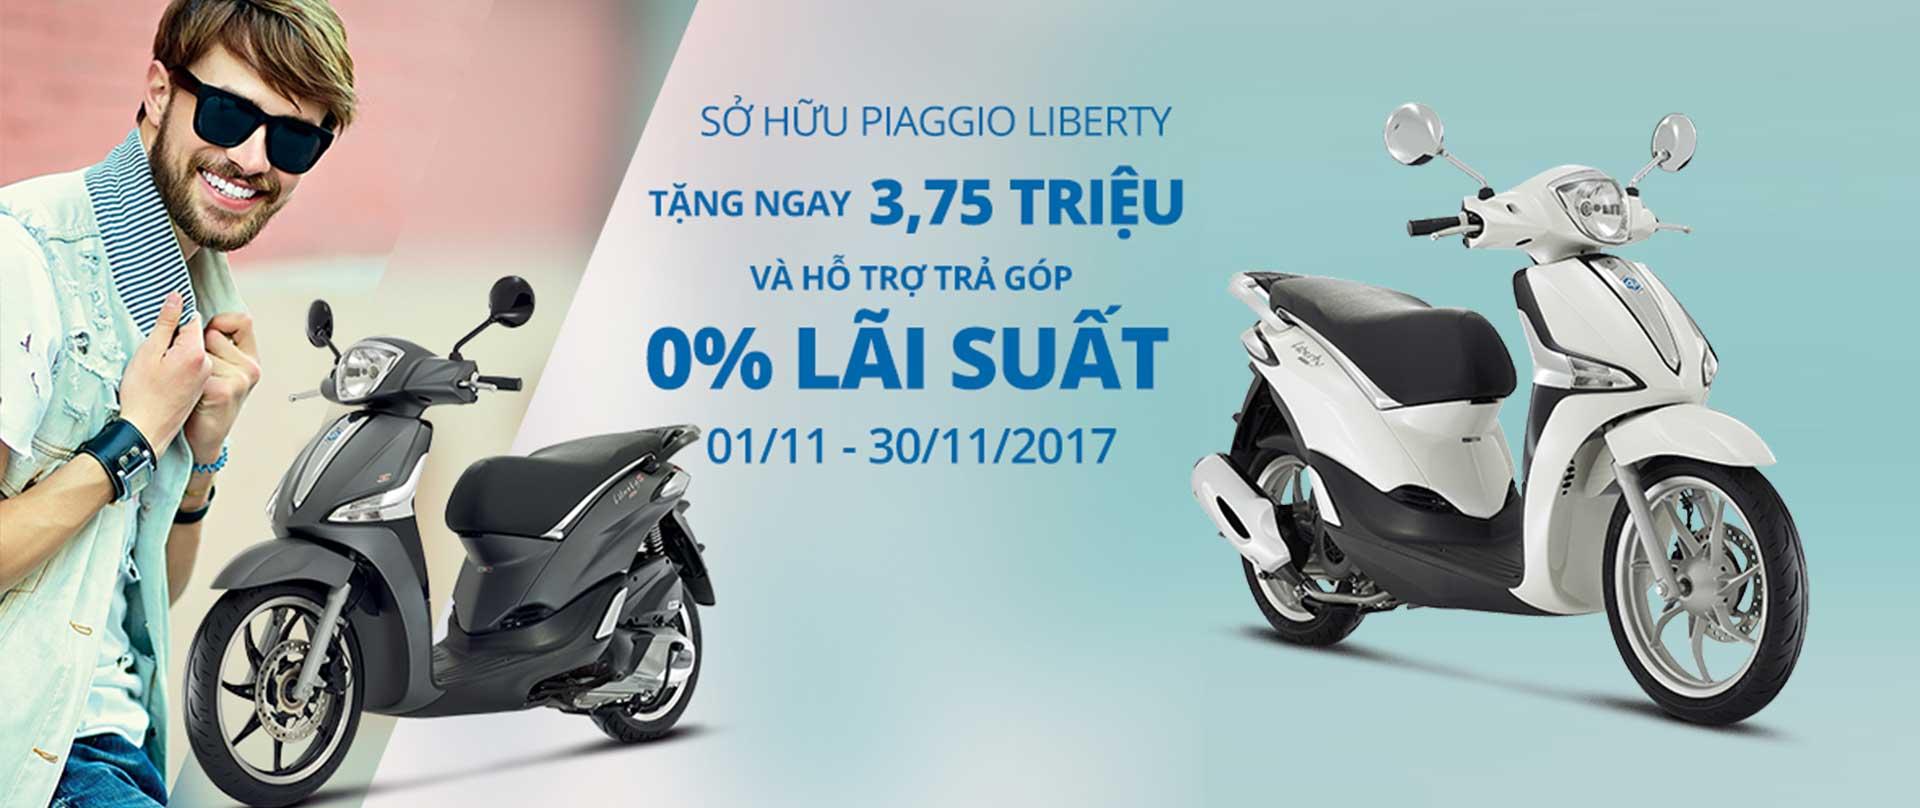 Sở hữu Liberty tặng ngay 3,75tr và hỗ trợ trả góp 0 phần trăm lãi suất